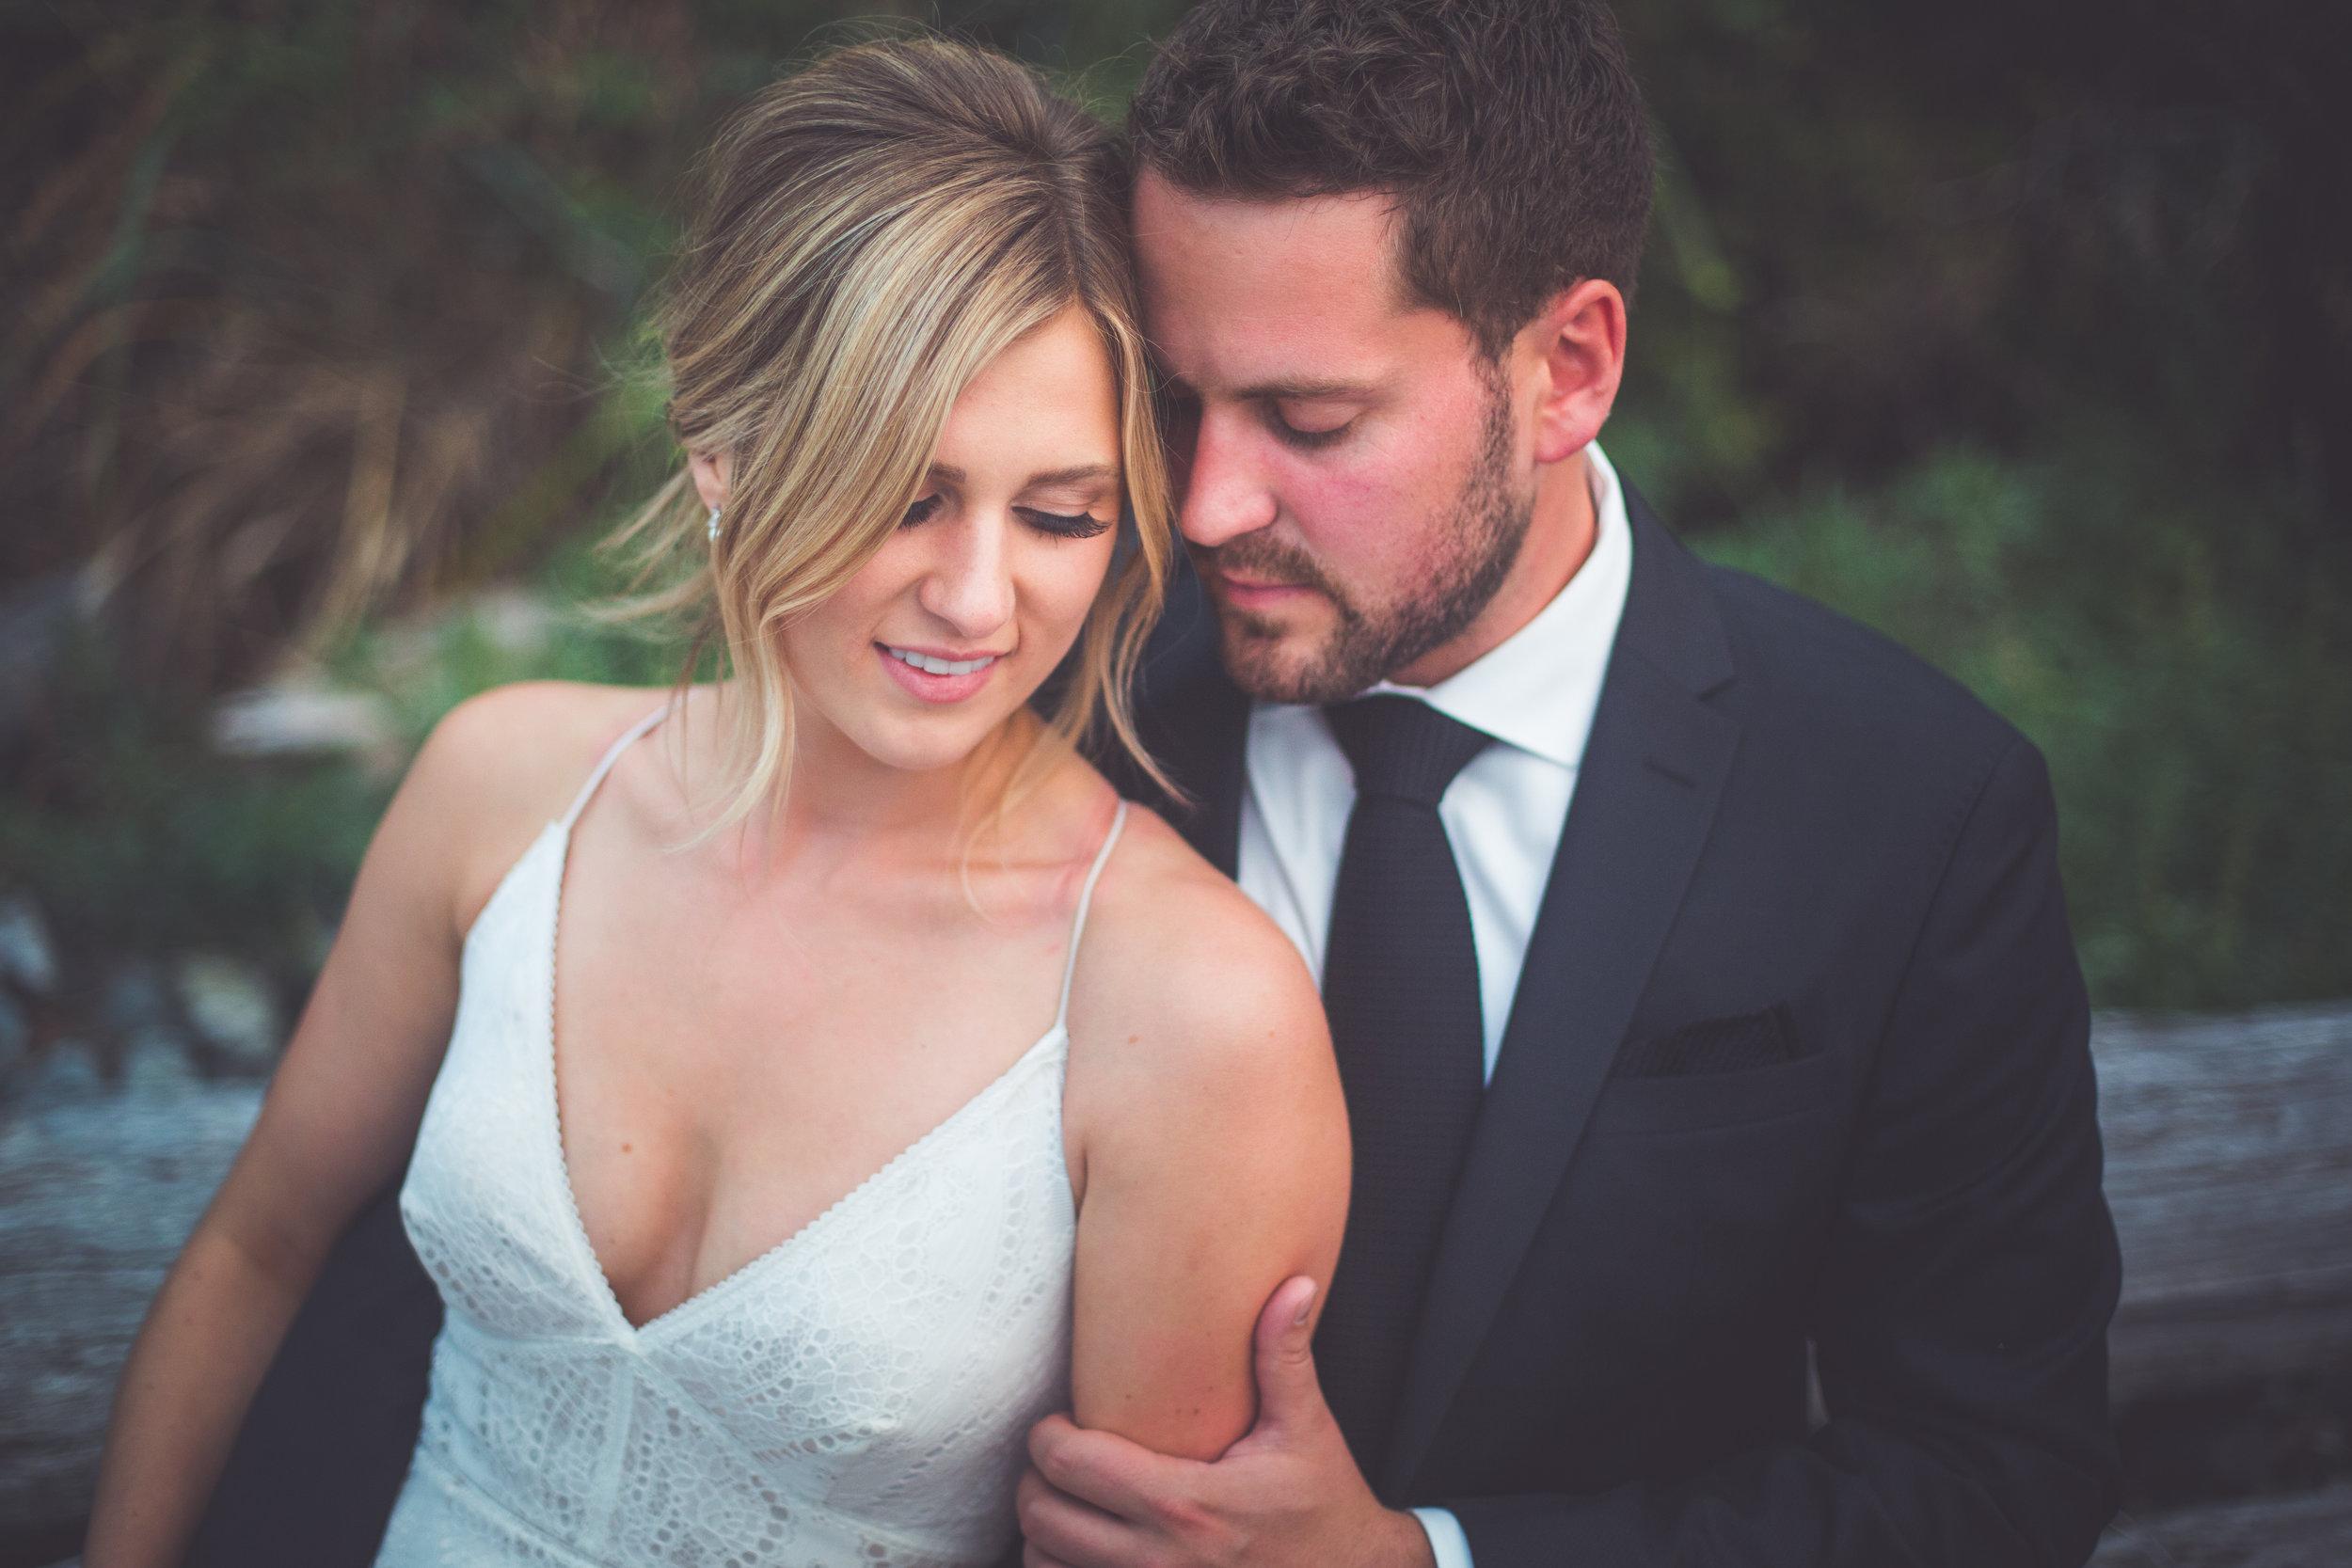 romantic wedding images in Qualicum Beach